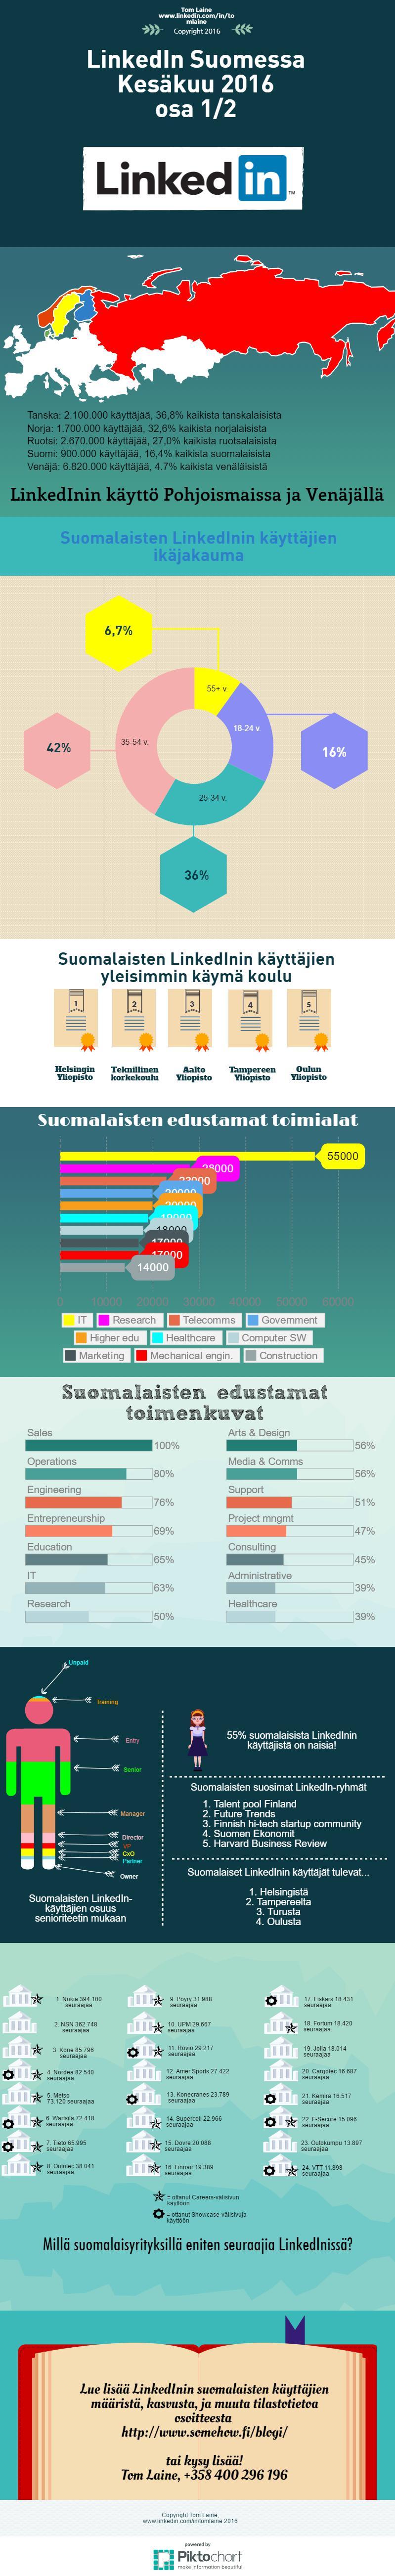 LinkedIn käyttäjät Suomessa kesäkuu 2016 osa 1